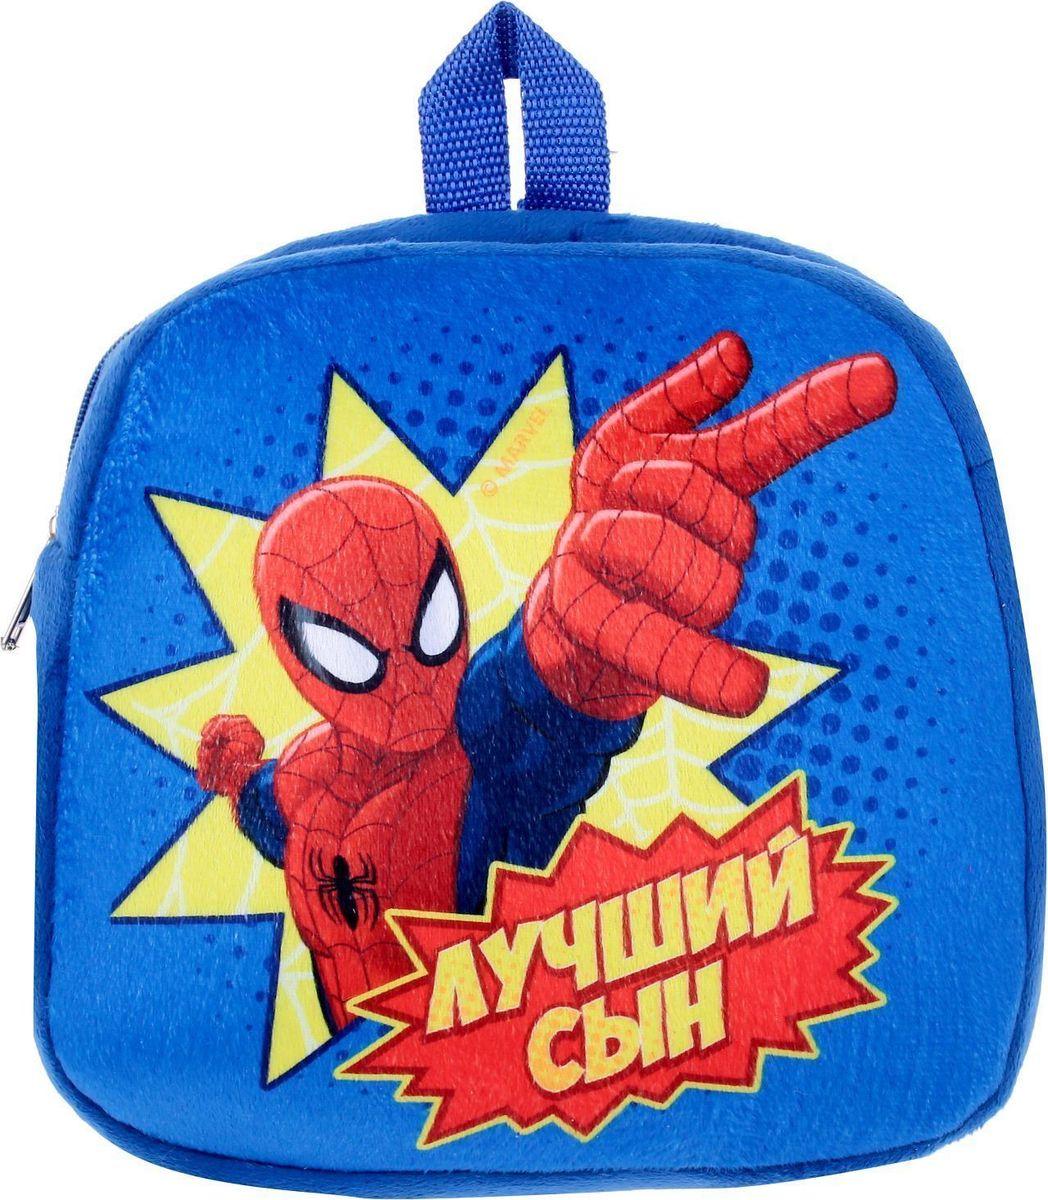 Marvel Рюкзак дошкольный Человек паук Лучший сын